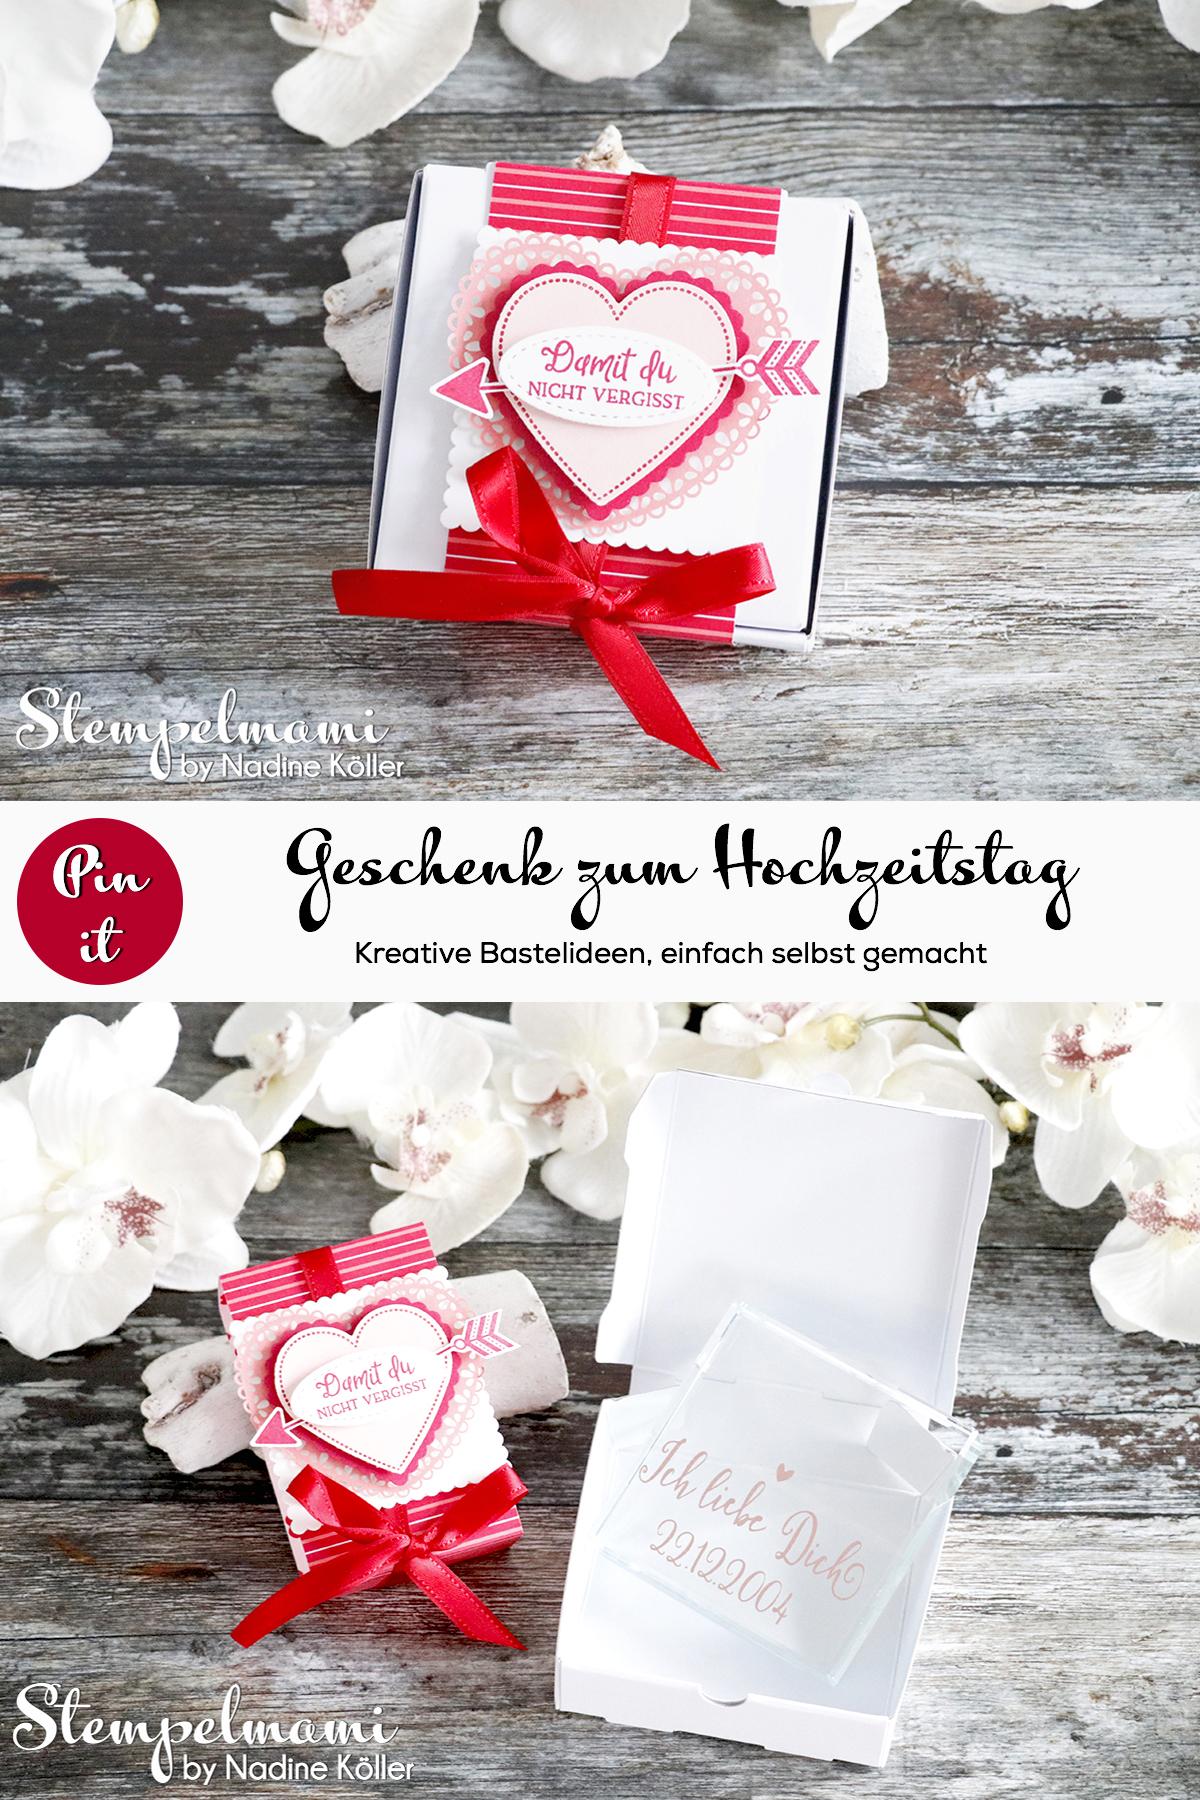 Mini Pizzaschachtel Herzlich Schachtel Hochzeitstag Geschenk zum Hochzeitstag Stempelmami 5